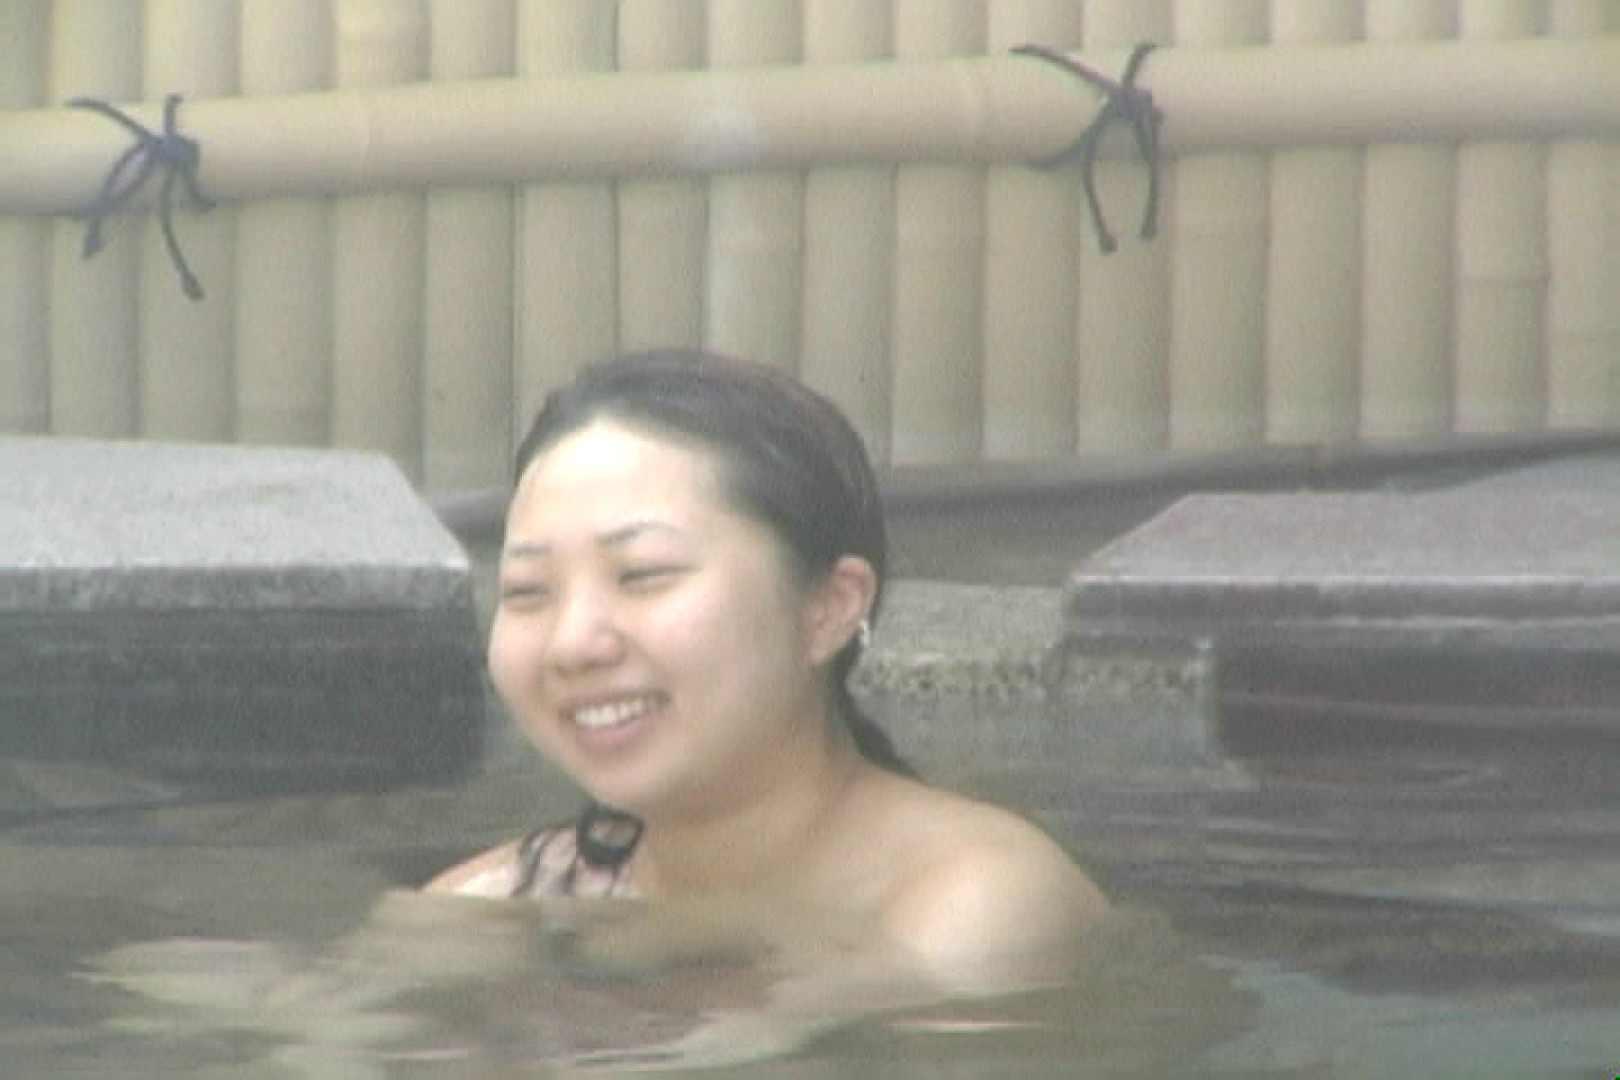 Aquaな露天風呂Vol.31【VIP】 盗撮シリーズ  112PIX 38